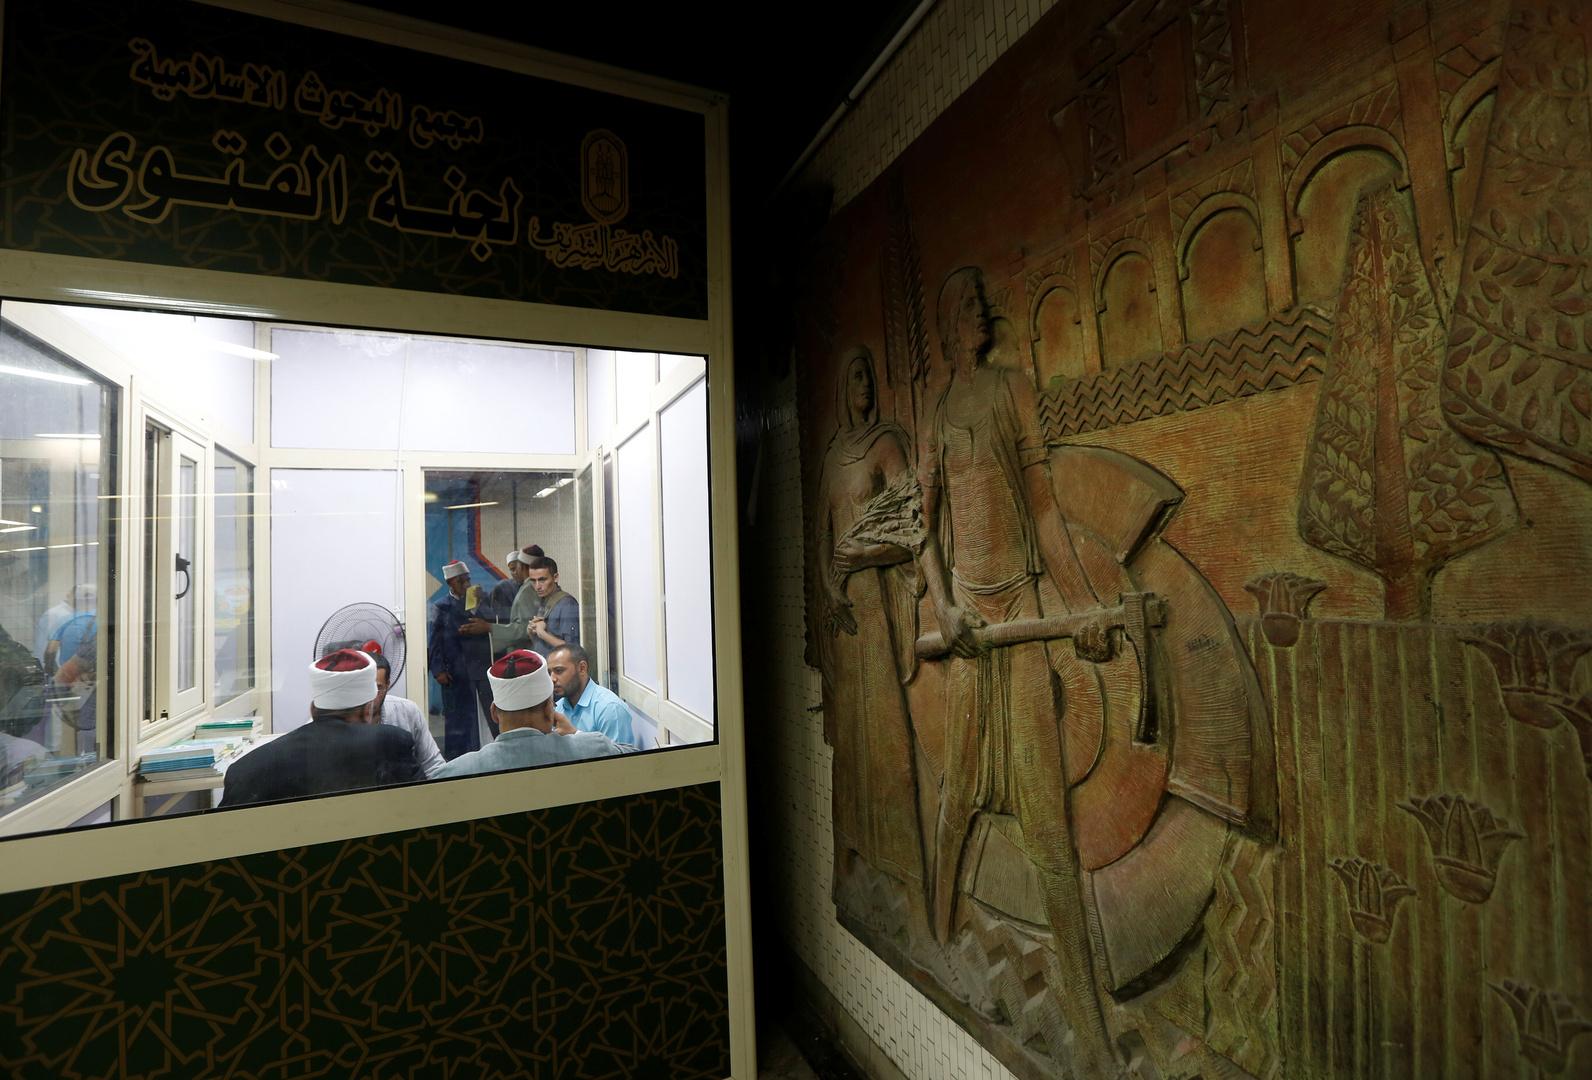 مرصد الفتاوي المصرية يحذر من استخدام مصطلح